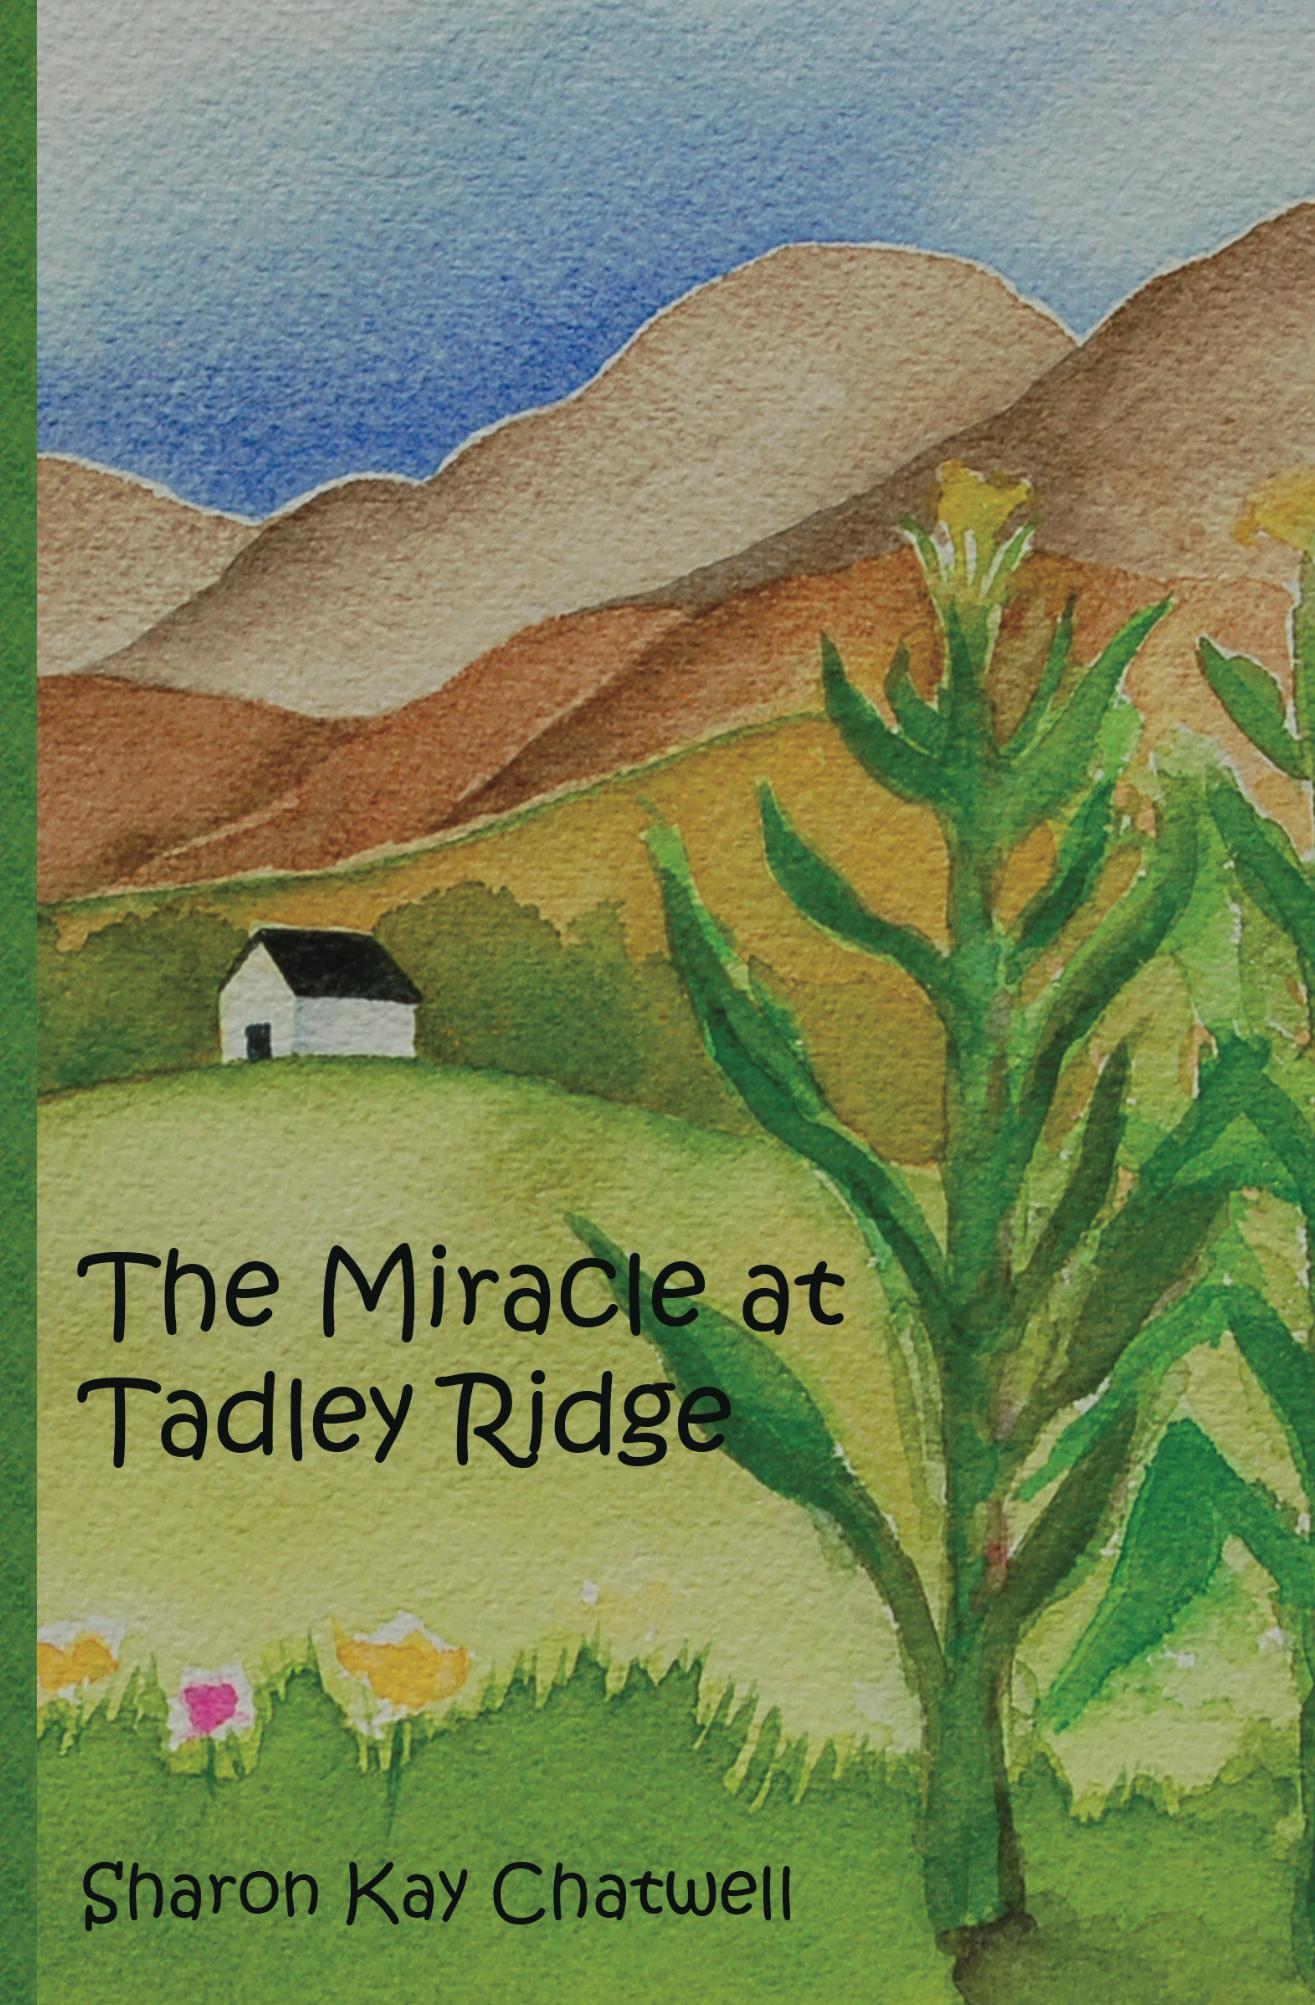 The Miracle at Tadley Ridge